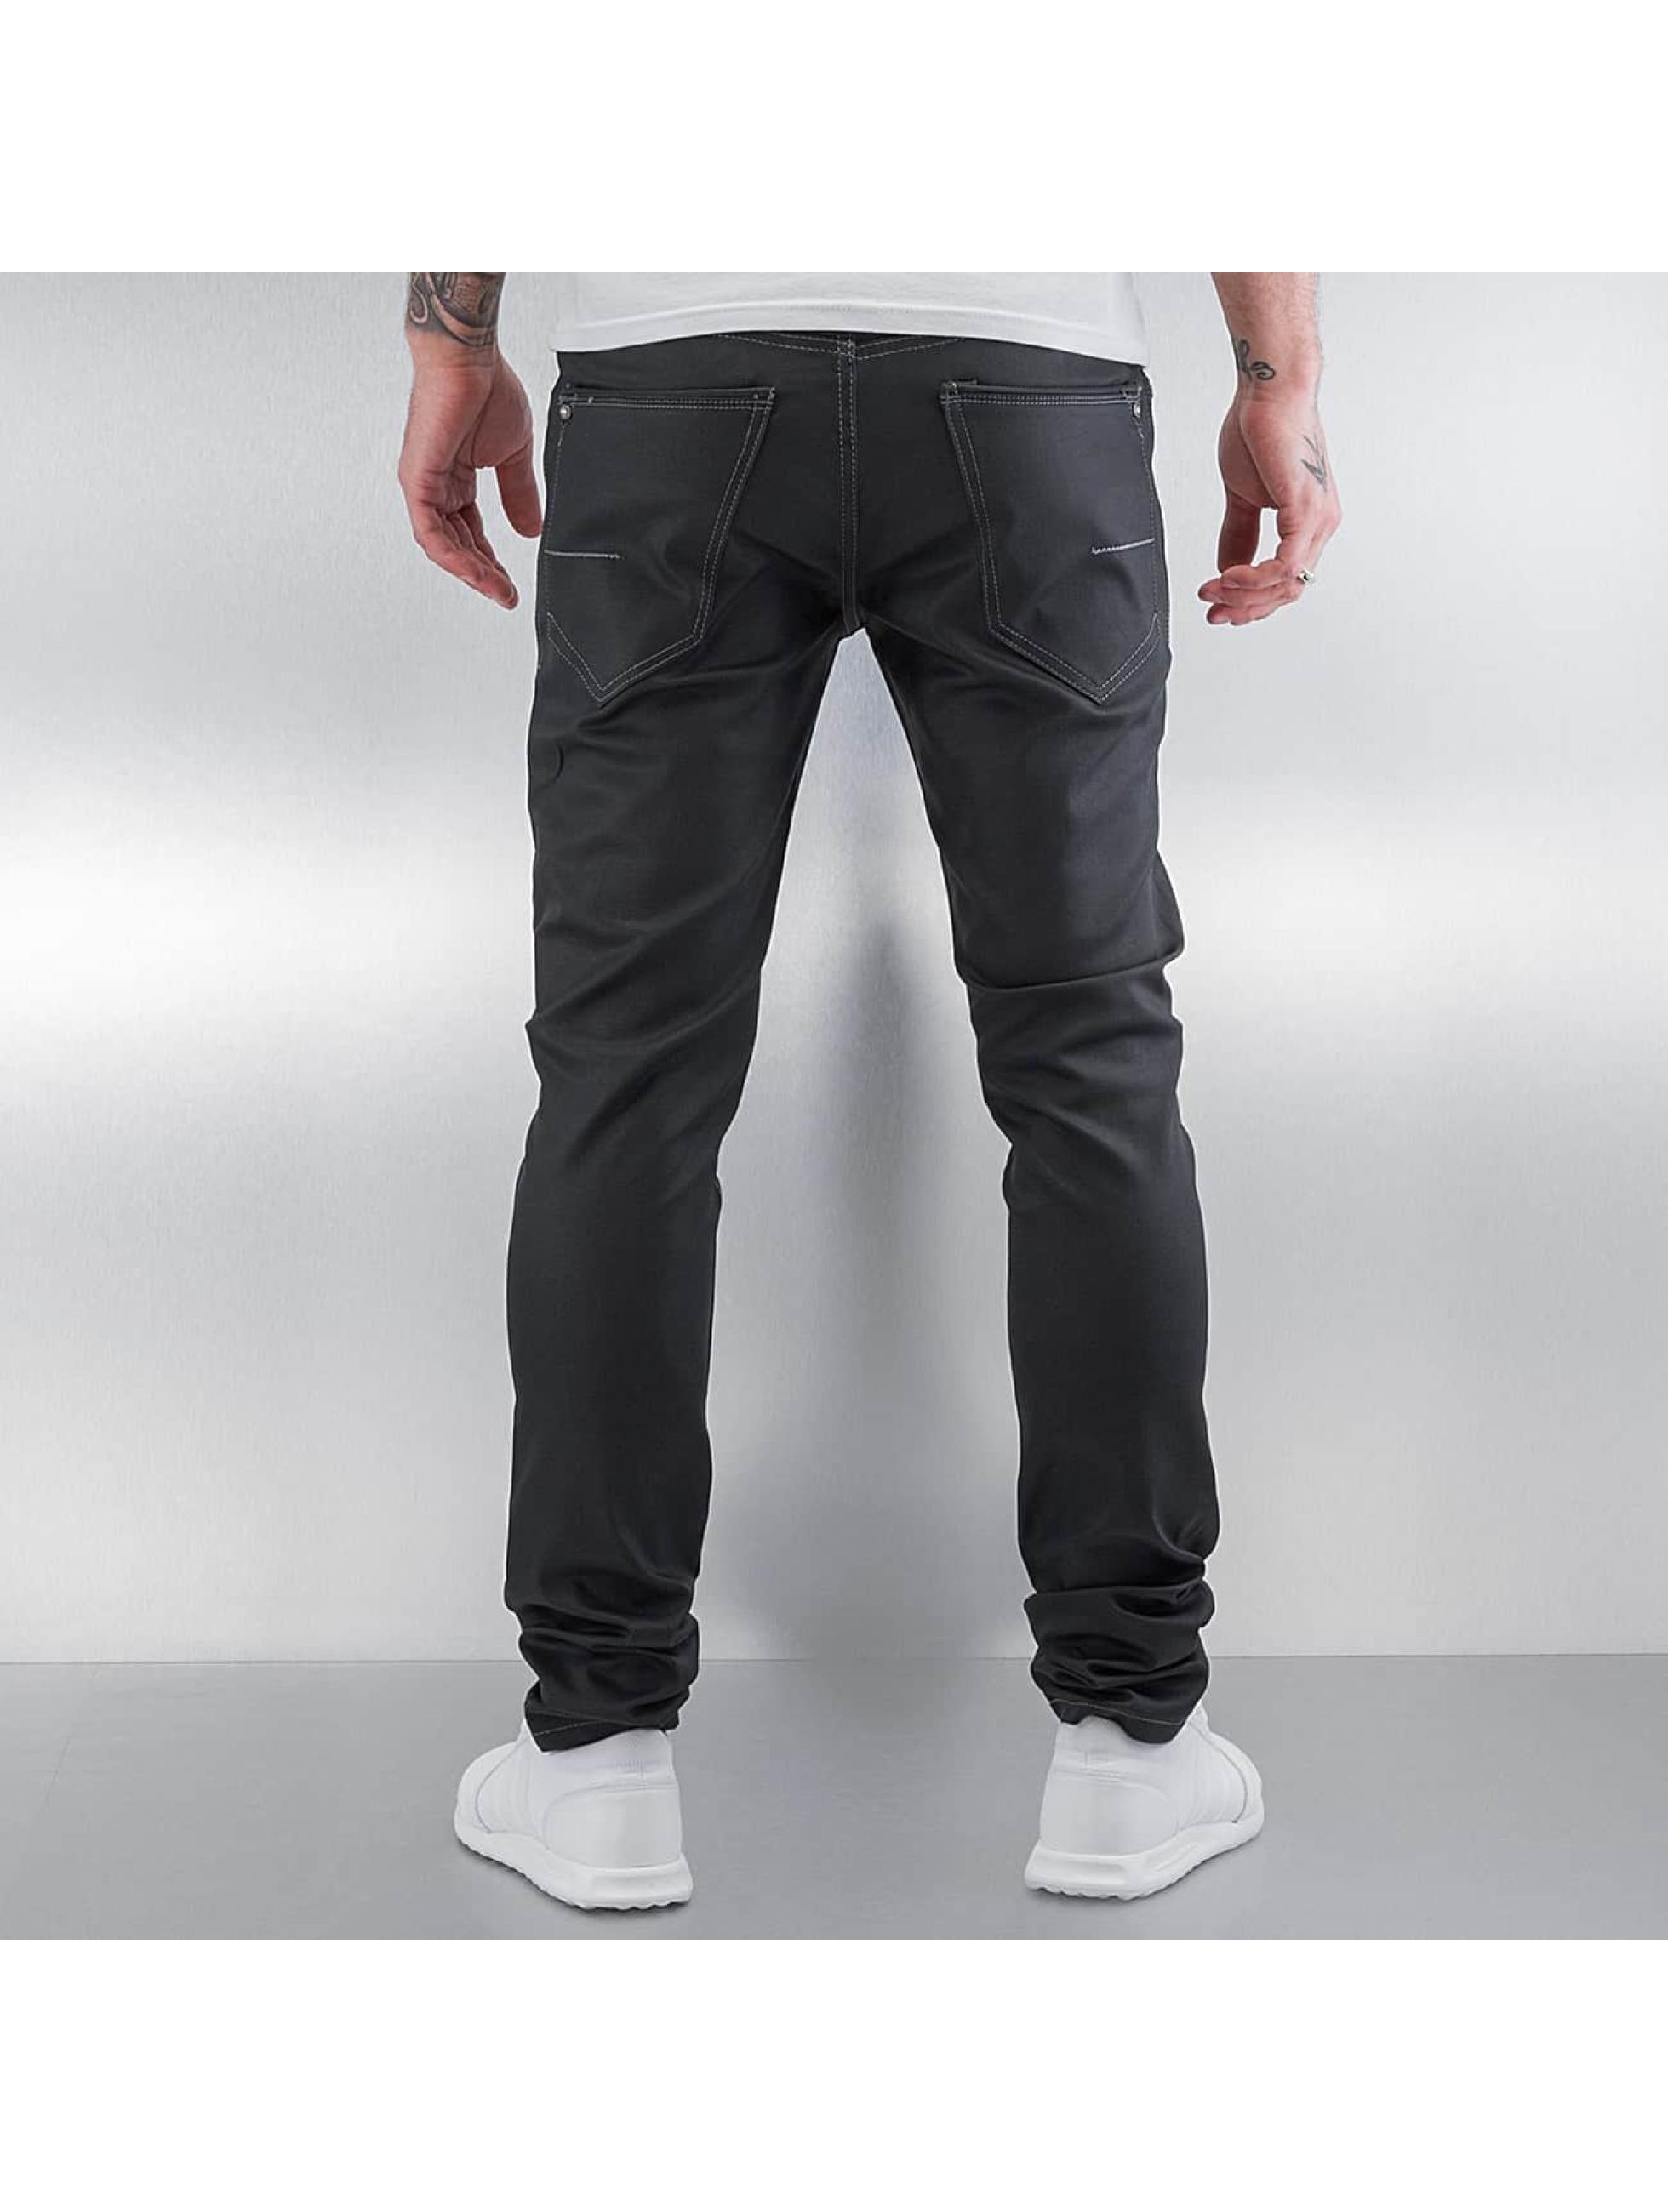 Pascucci Облегающие джинсы Owen синий